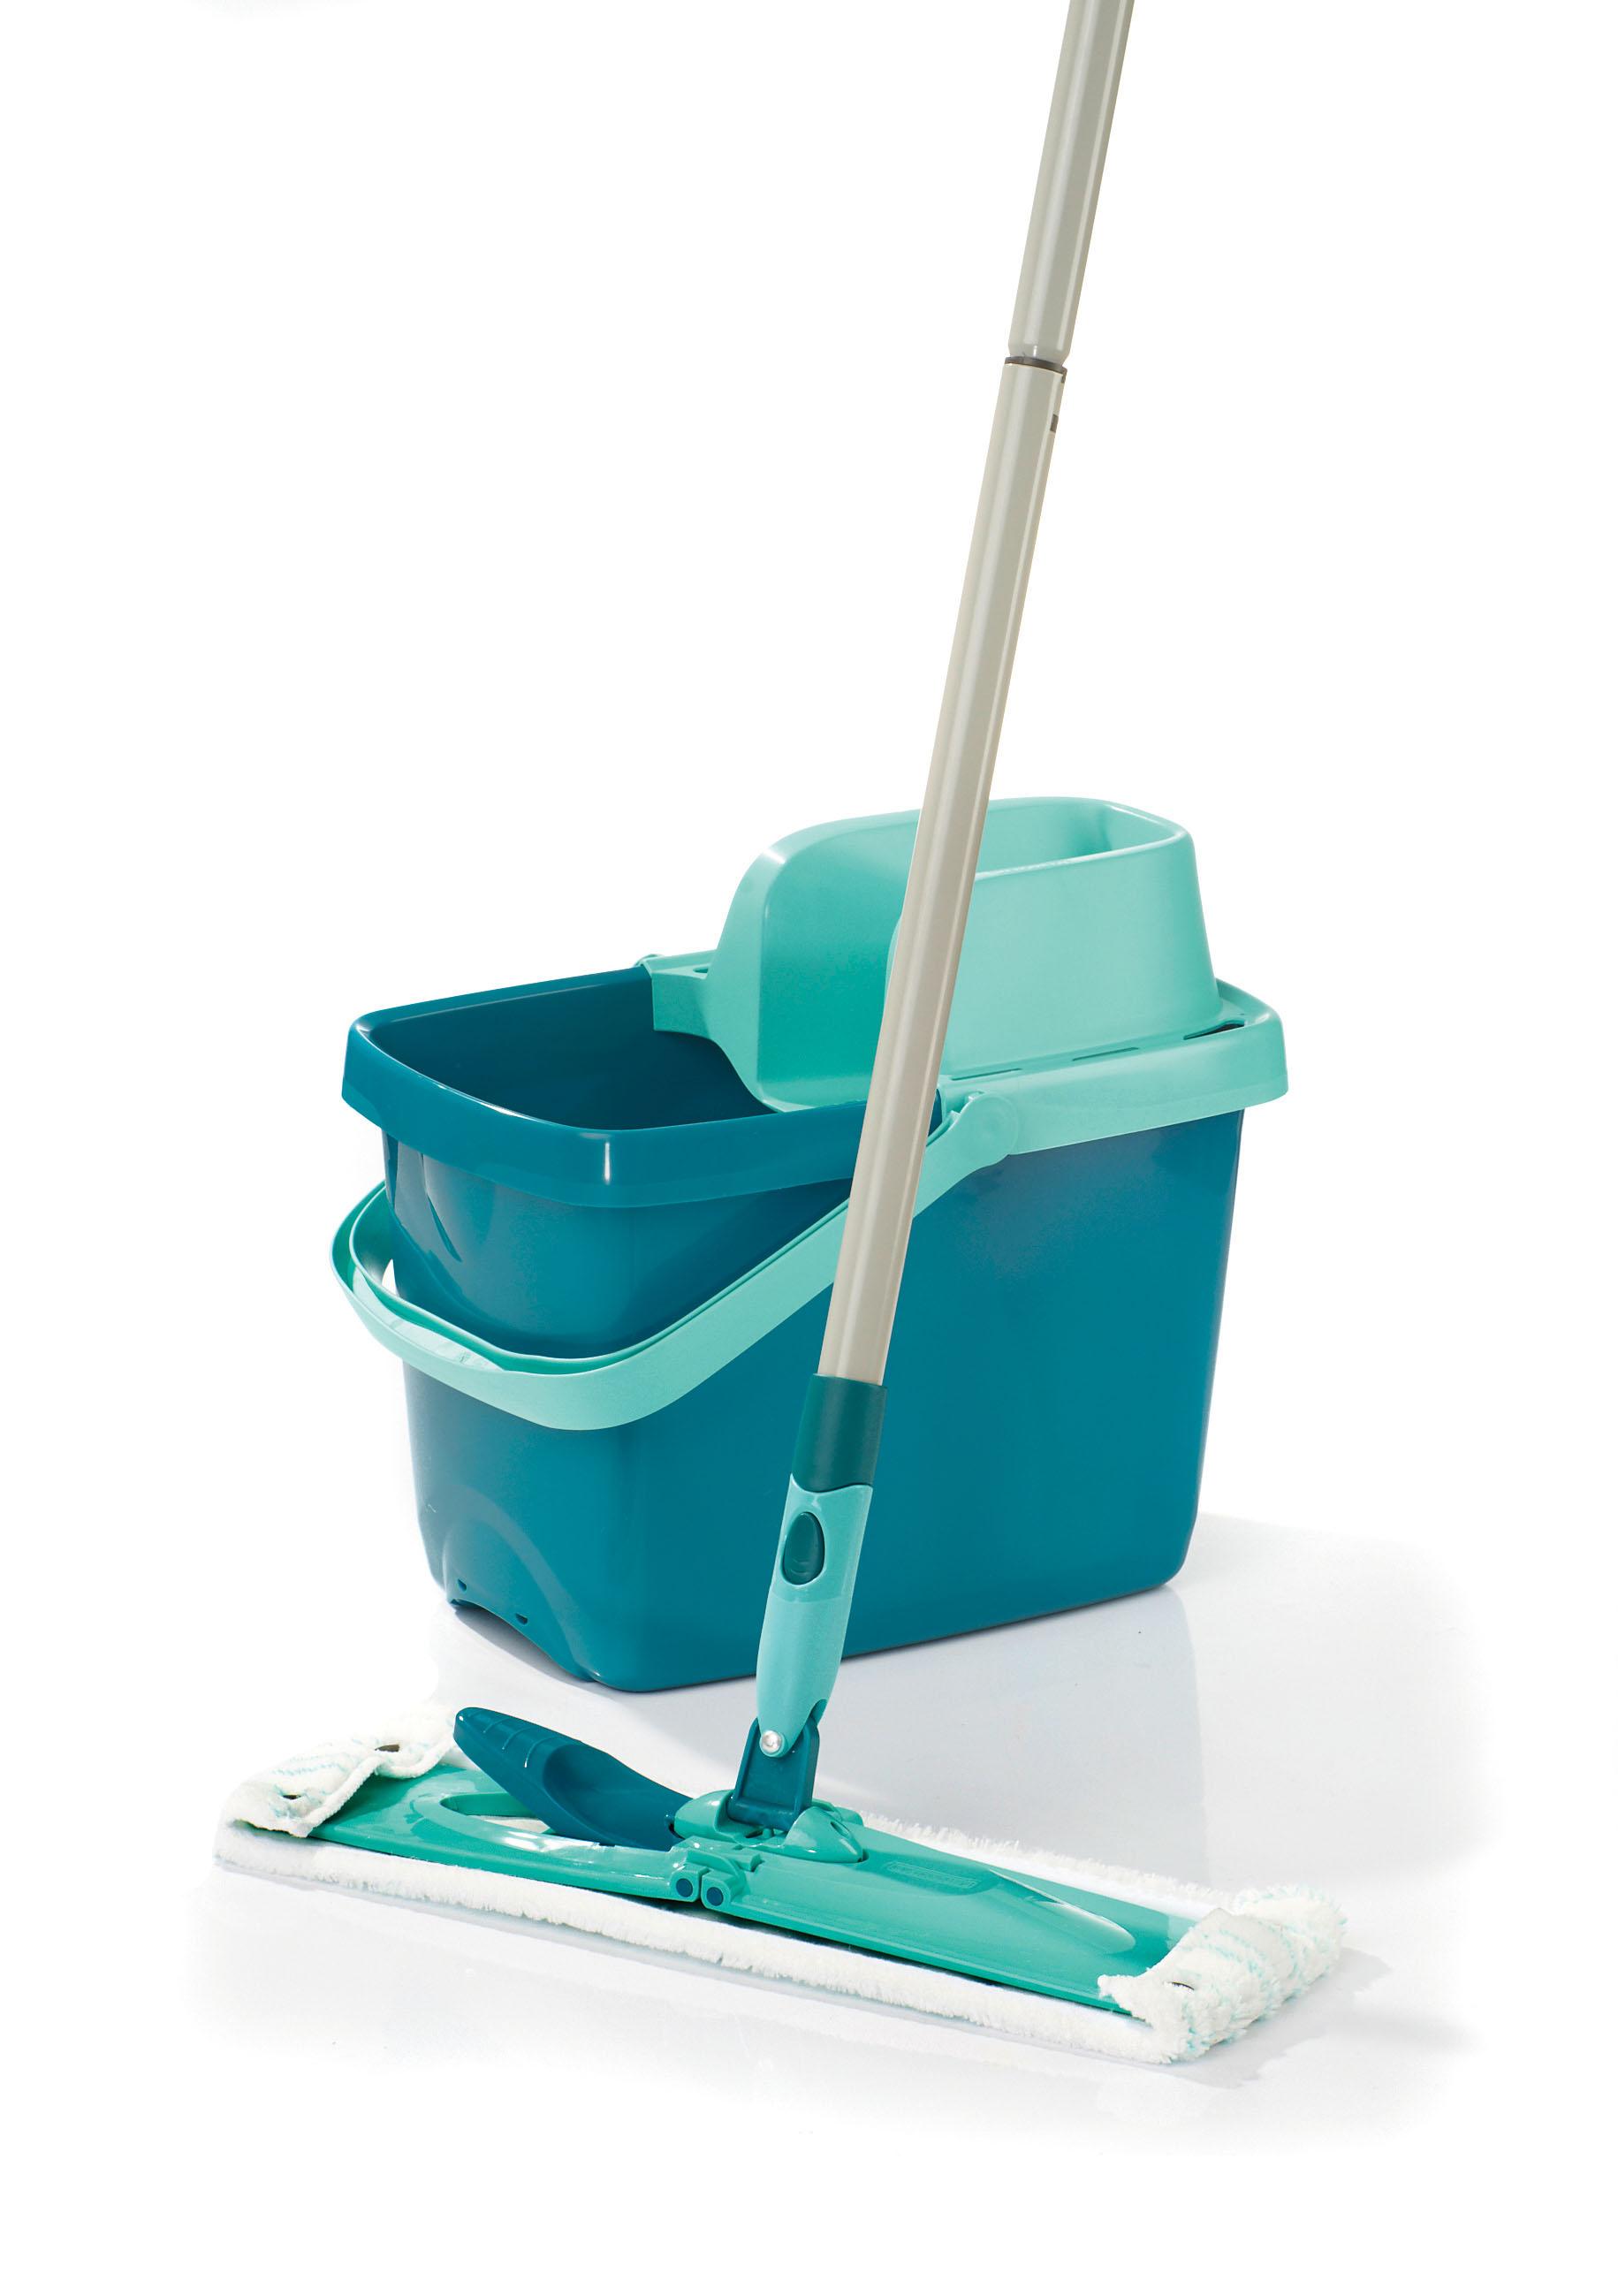 Leifheit Profi Combi Clean Reinigungs Set Xl Bodenwischer 12 L Wisch